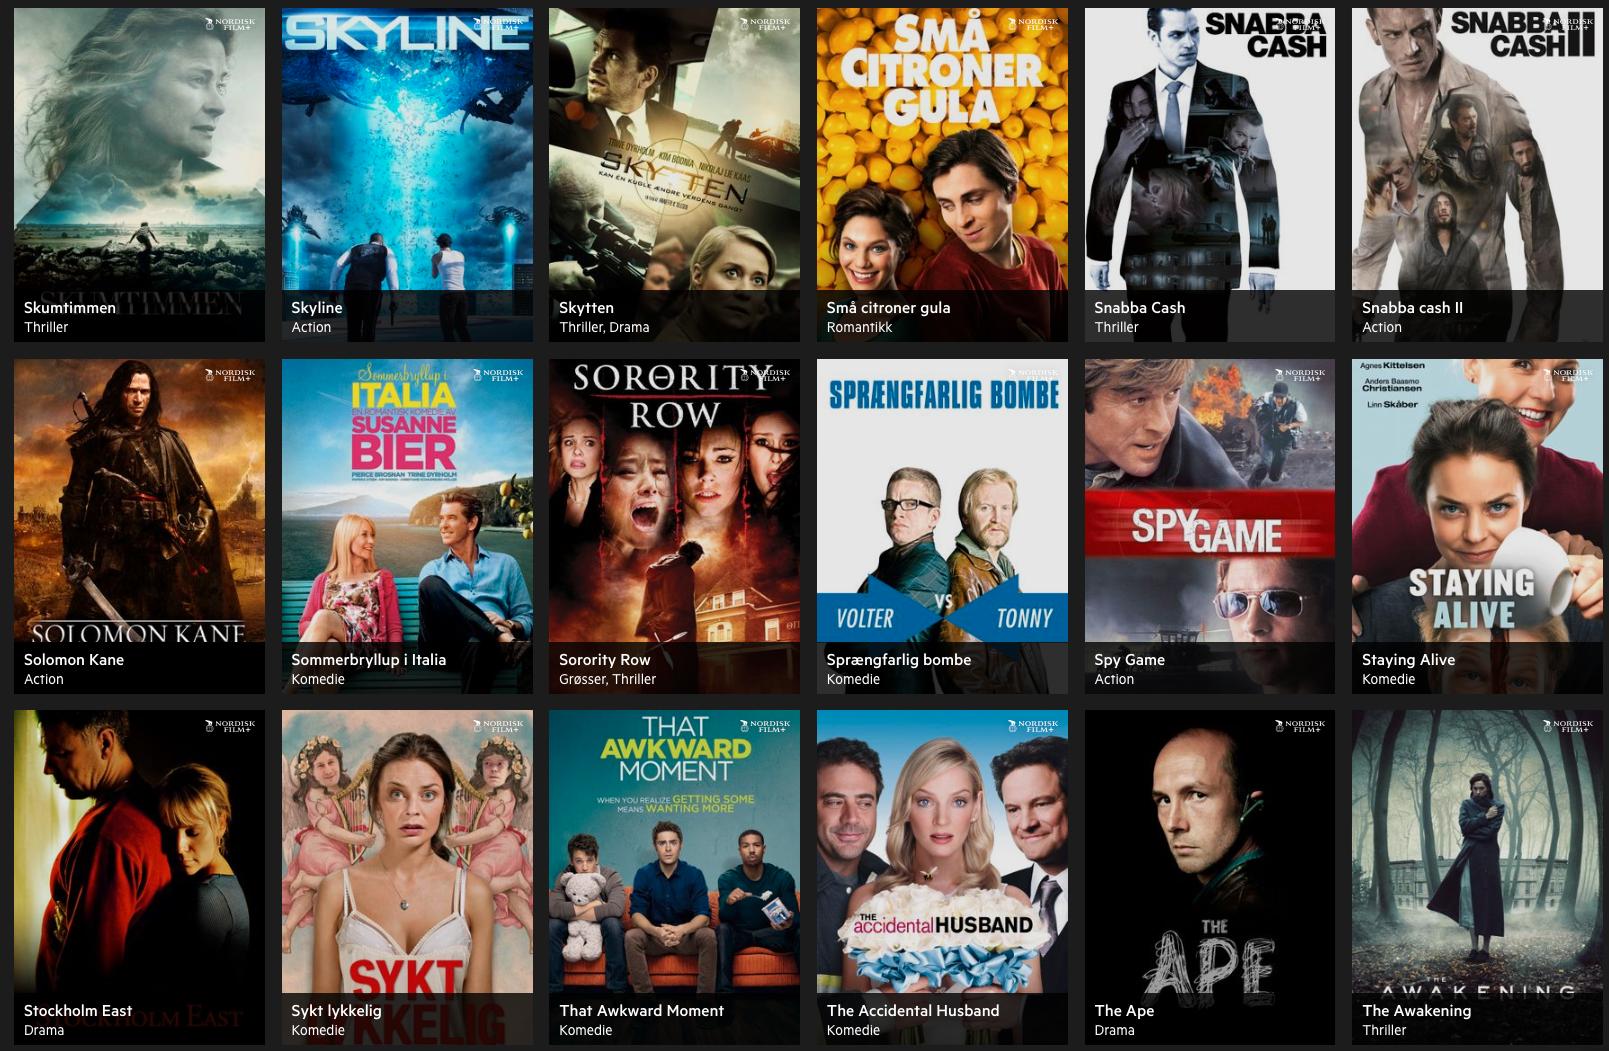 Et lite utvalg av filmene som er tilgjengelig i Nordisk Film+. De absolutt største blockbusterne virker den ikke å ha.